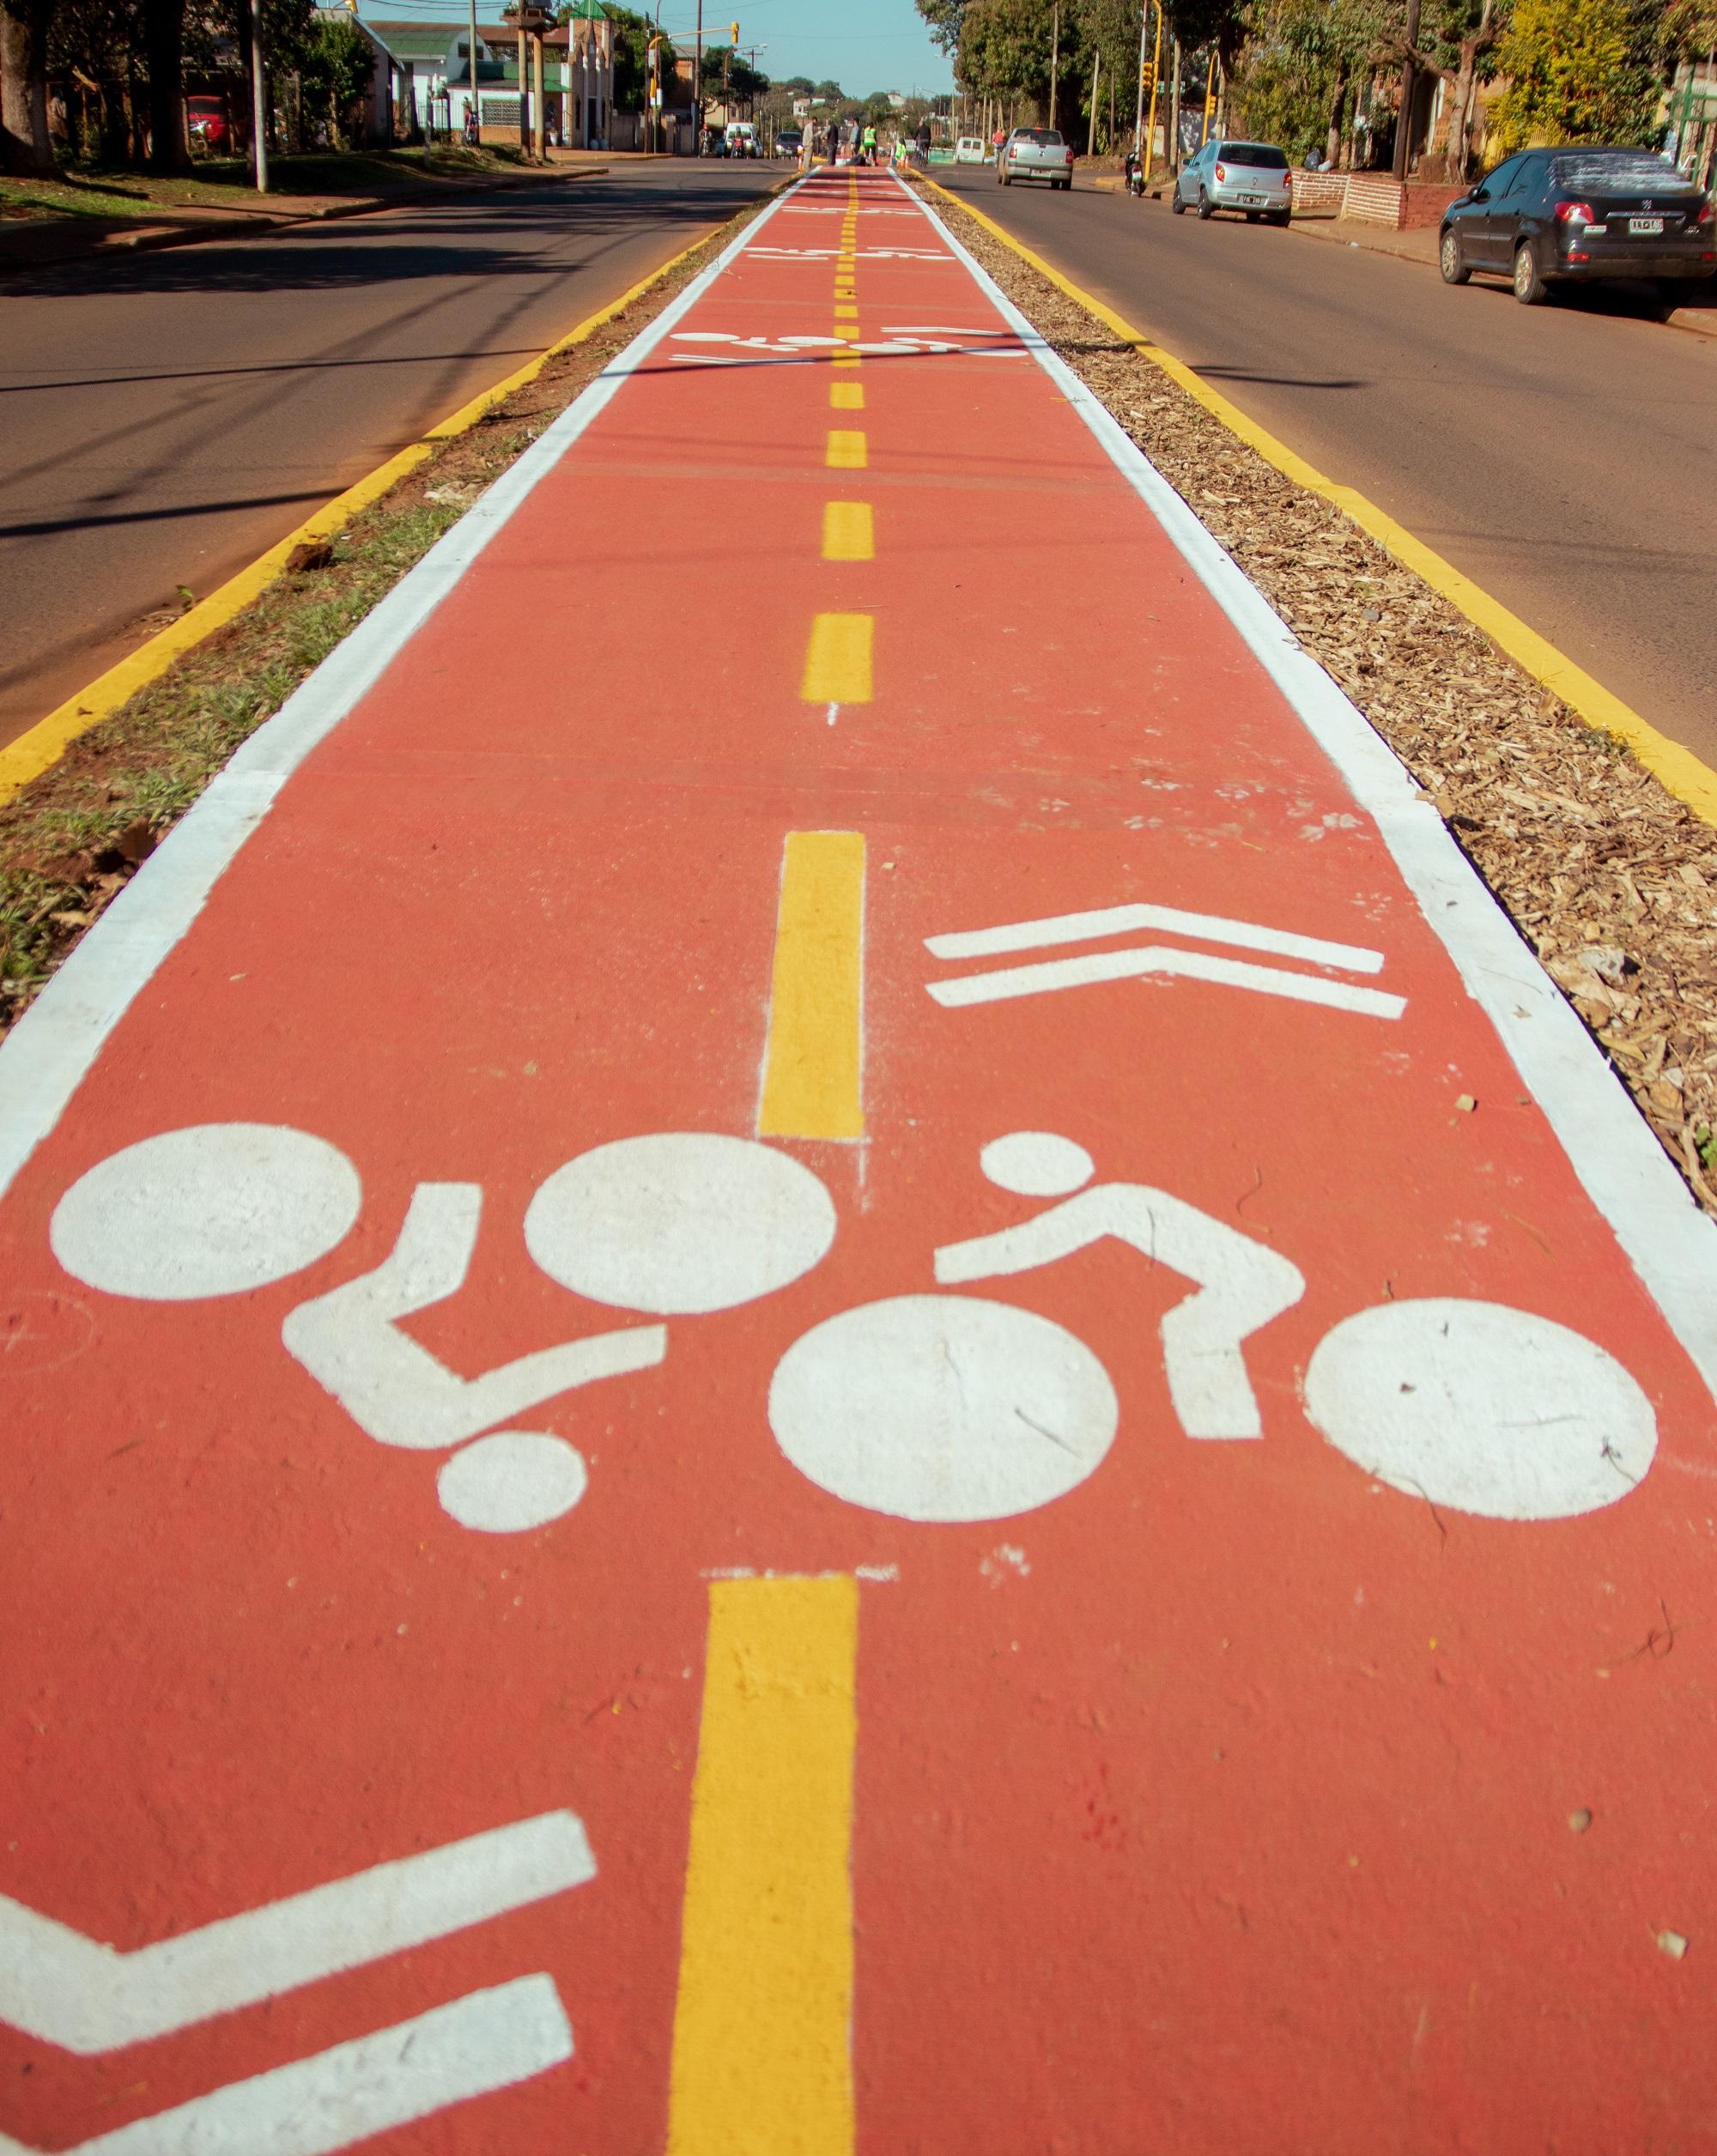 Actualmente, la capital misionera  cuenta con una red de bicisendas y ciclovías de 21 km, mientras se encuentran en ejecución 18 km de bici senda y se prevé una expansión de 42,5 km.